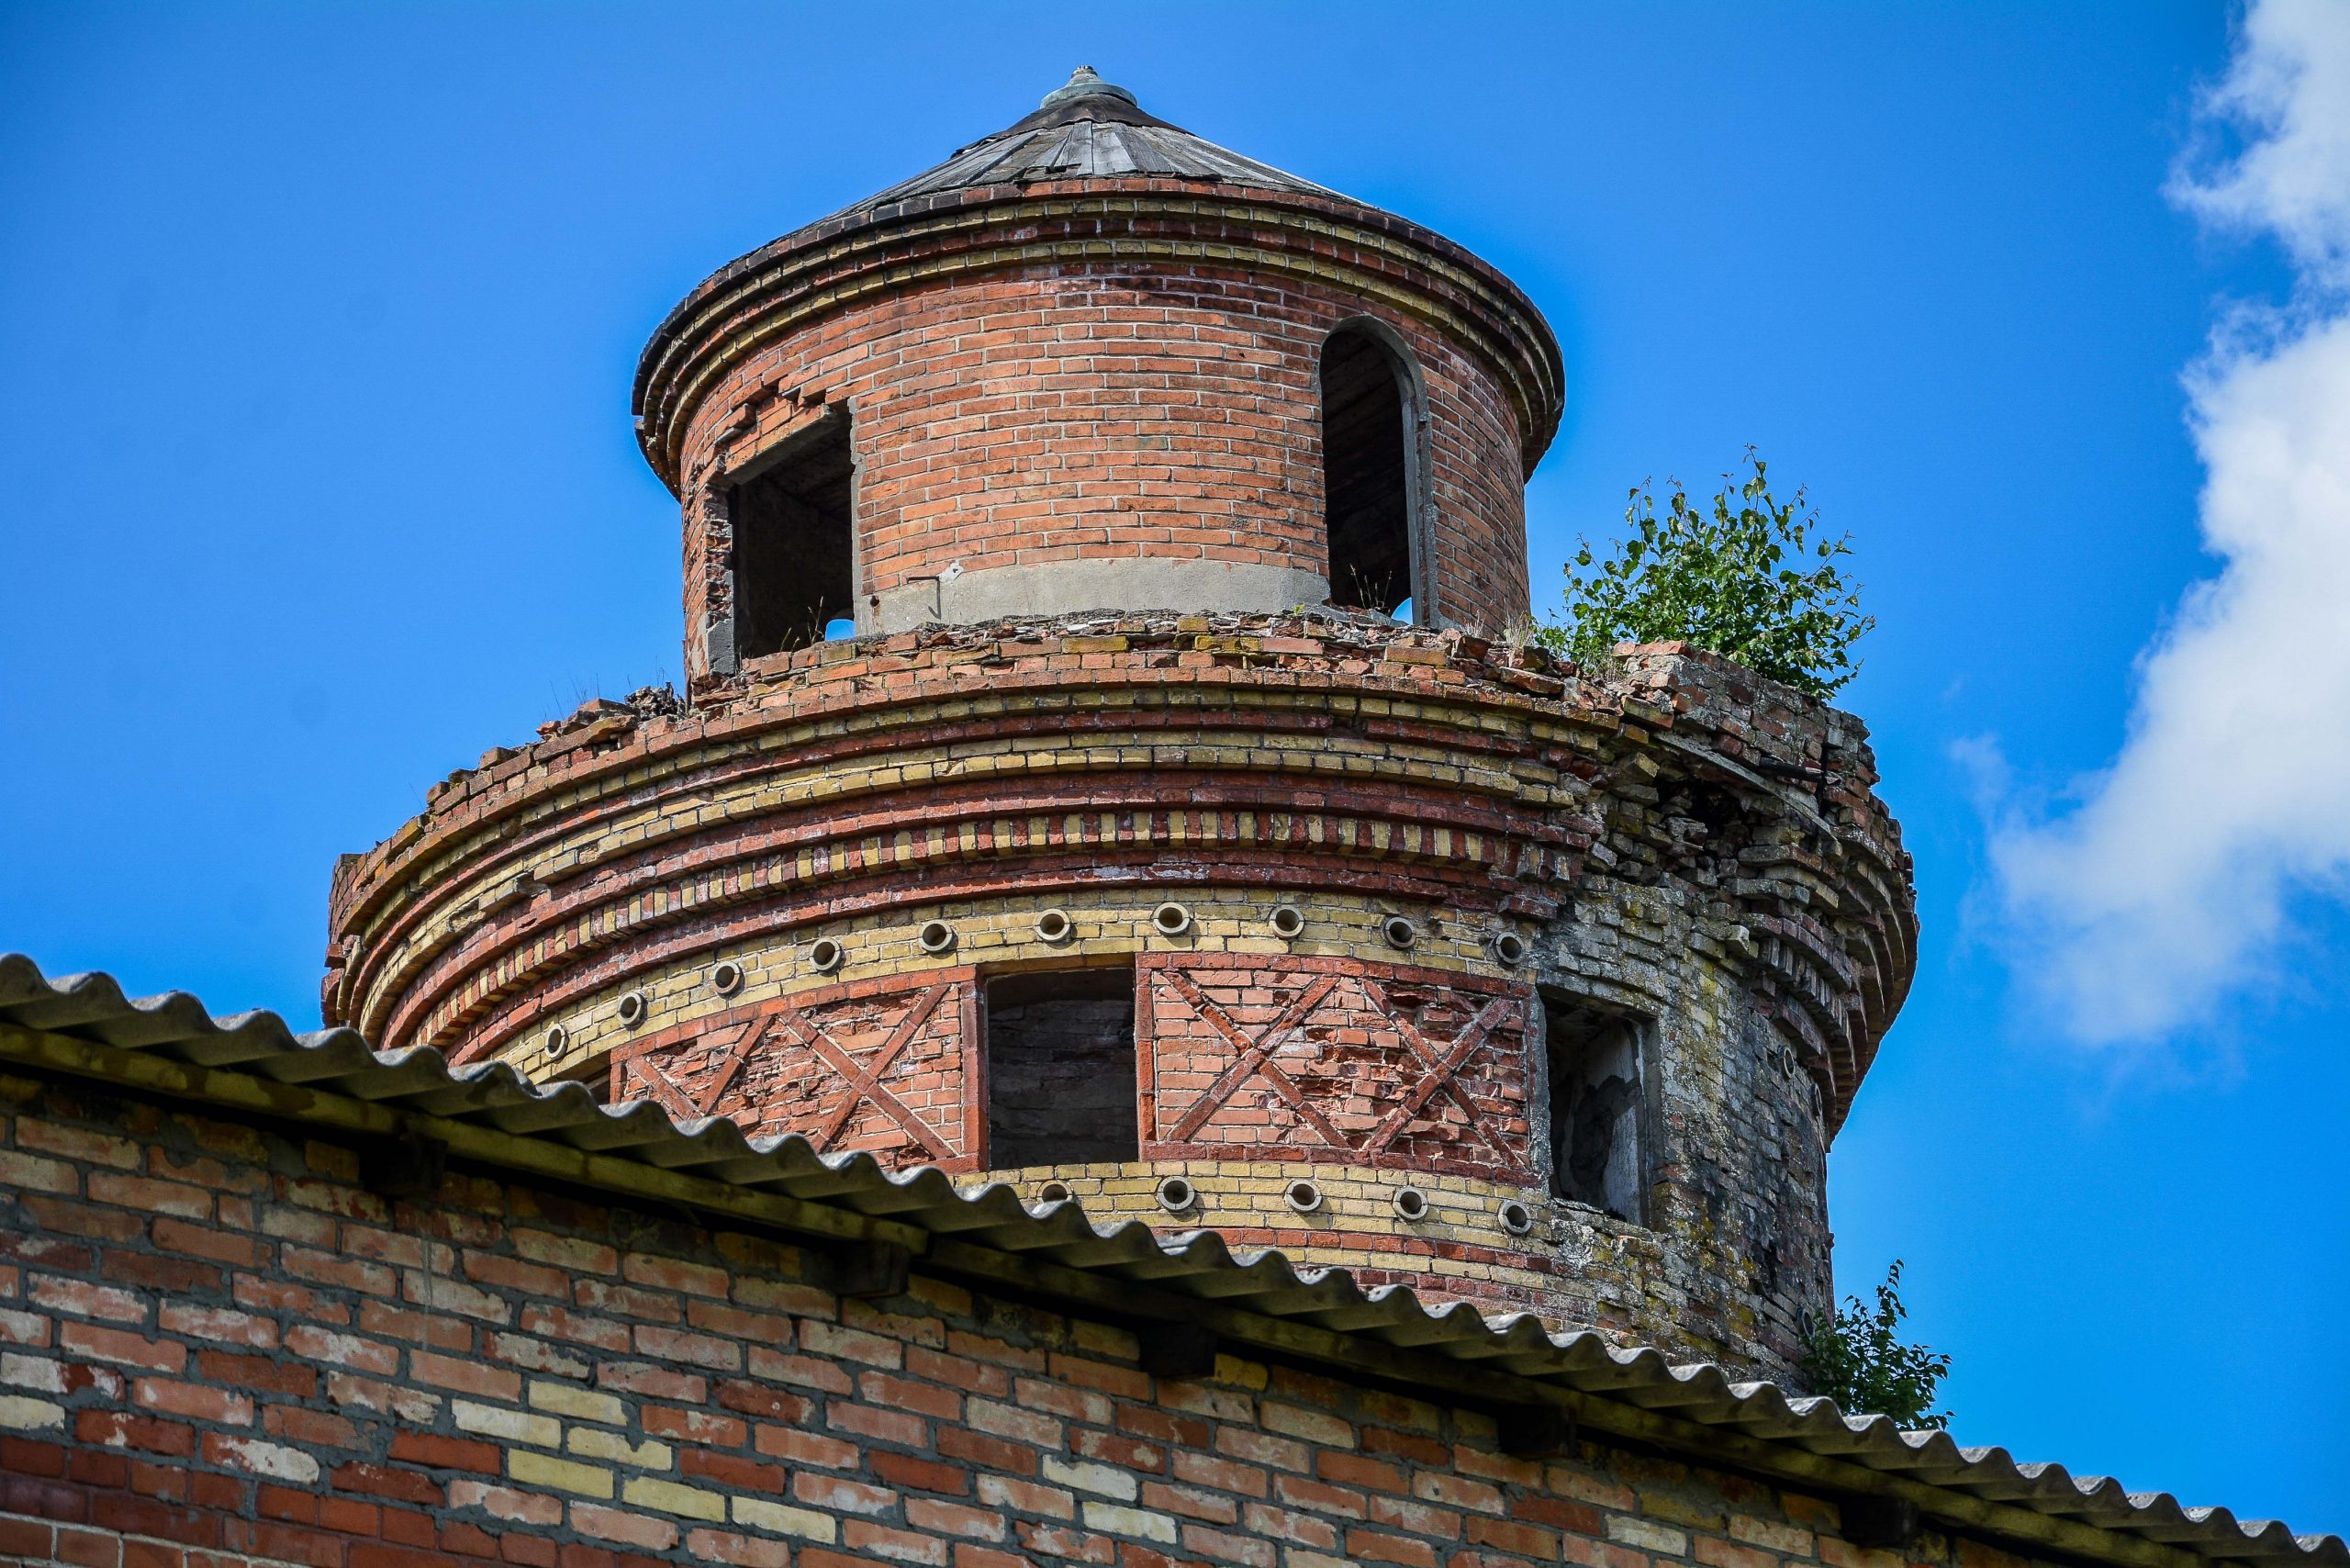 kornspeicher turmkopf architektur historischer orientalismus herrenhaus gentzrode lost places brandenburg neuruppin gut gentzrode ost deutschland urbex abandoned